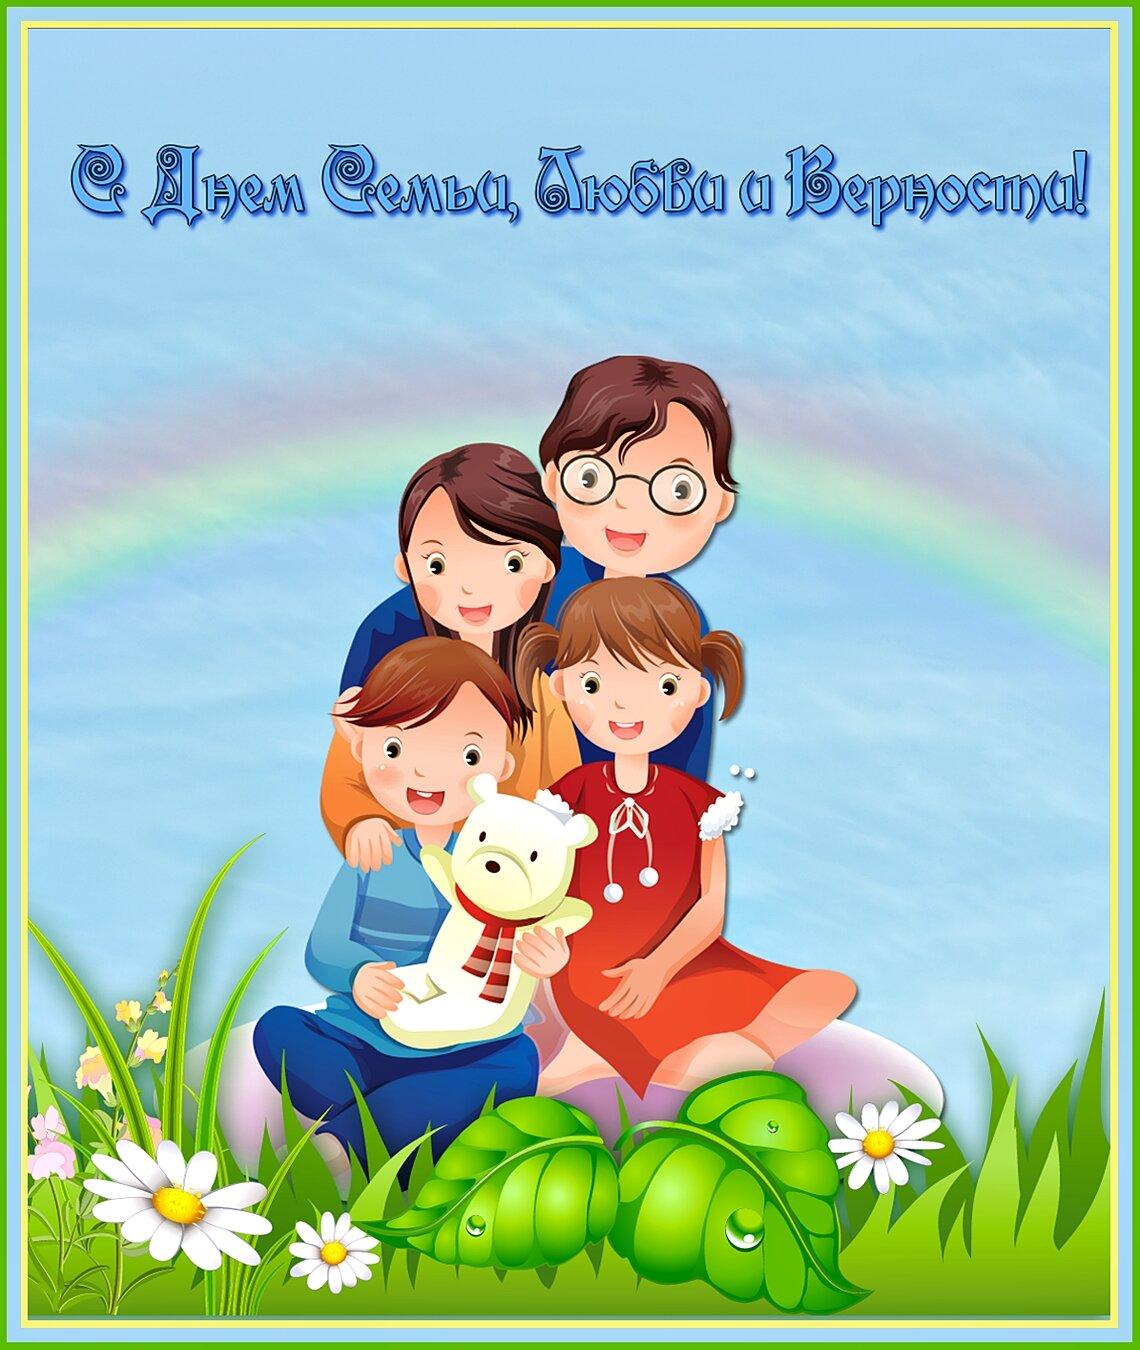 открытка моя семья фото можете разместиться